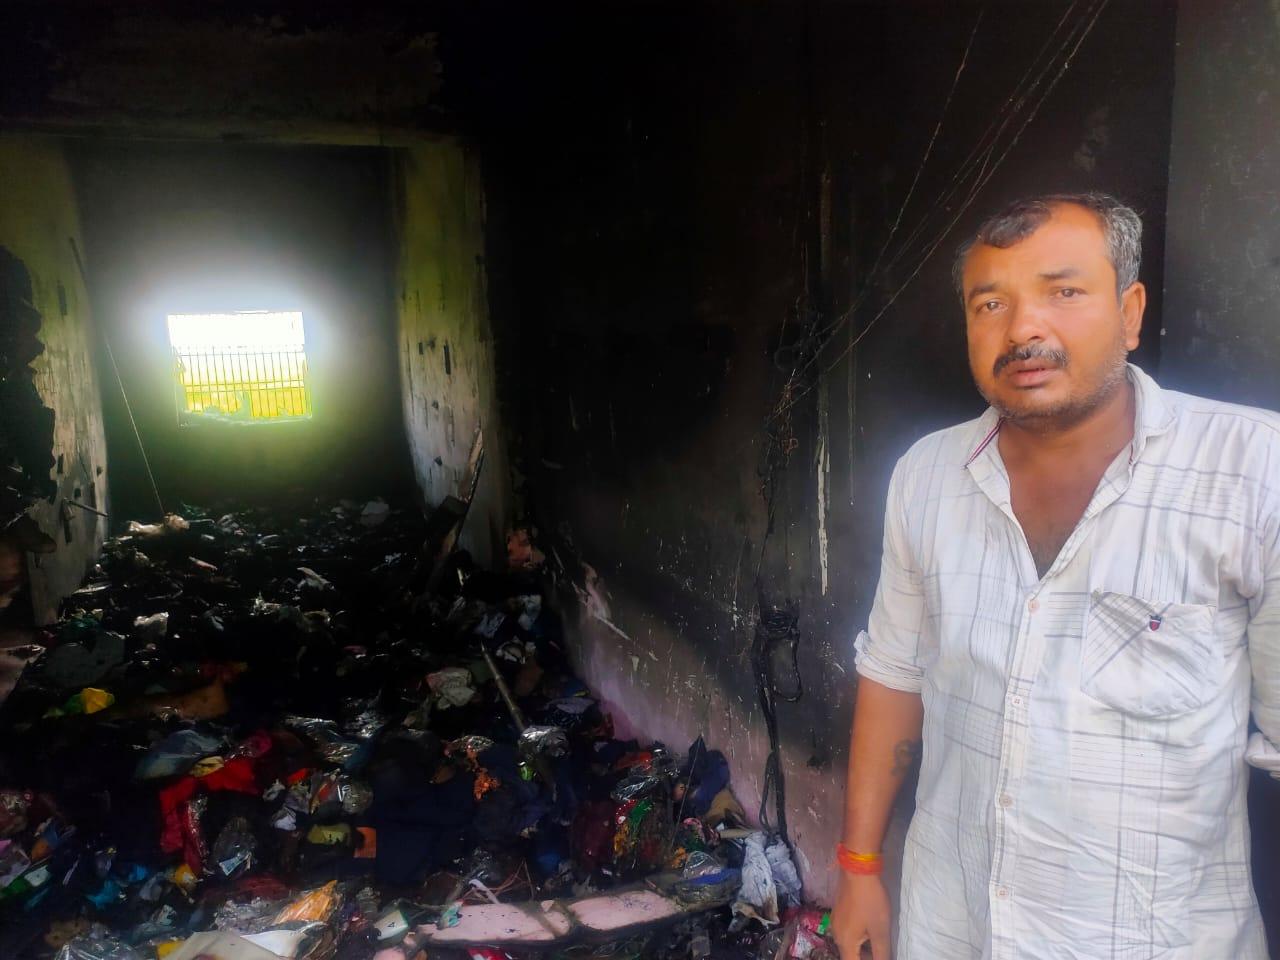 गालिबपुर चौराहे पर सतीश श्रीवास्तव के जूता चप्पल और रेडीमेड कपड़े की दुकान में लगी आग लाखों का सामान हुआ खाक